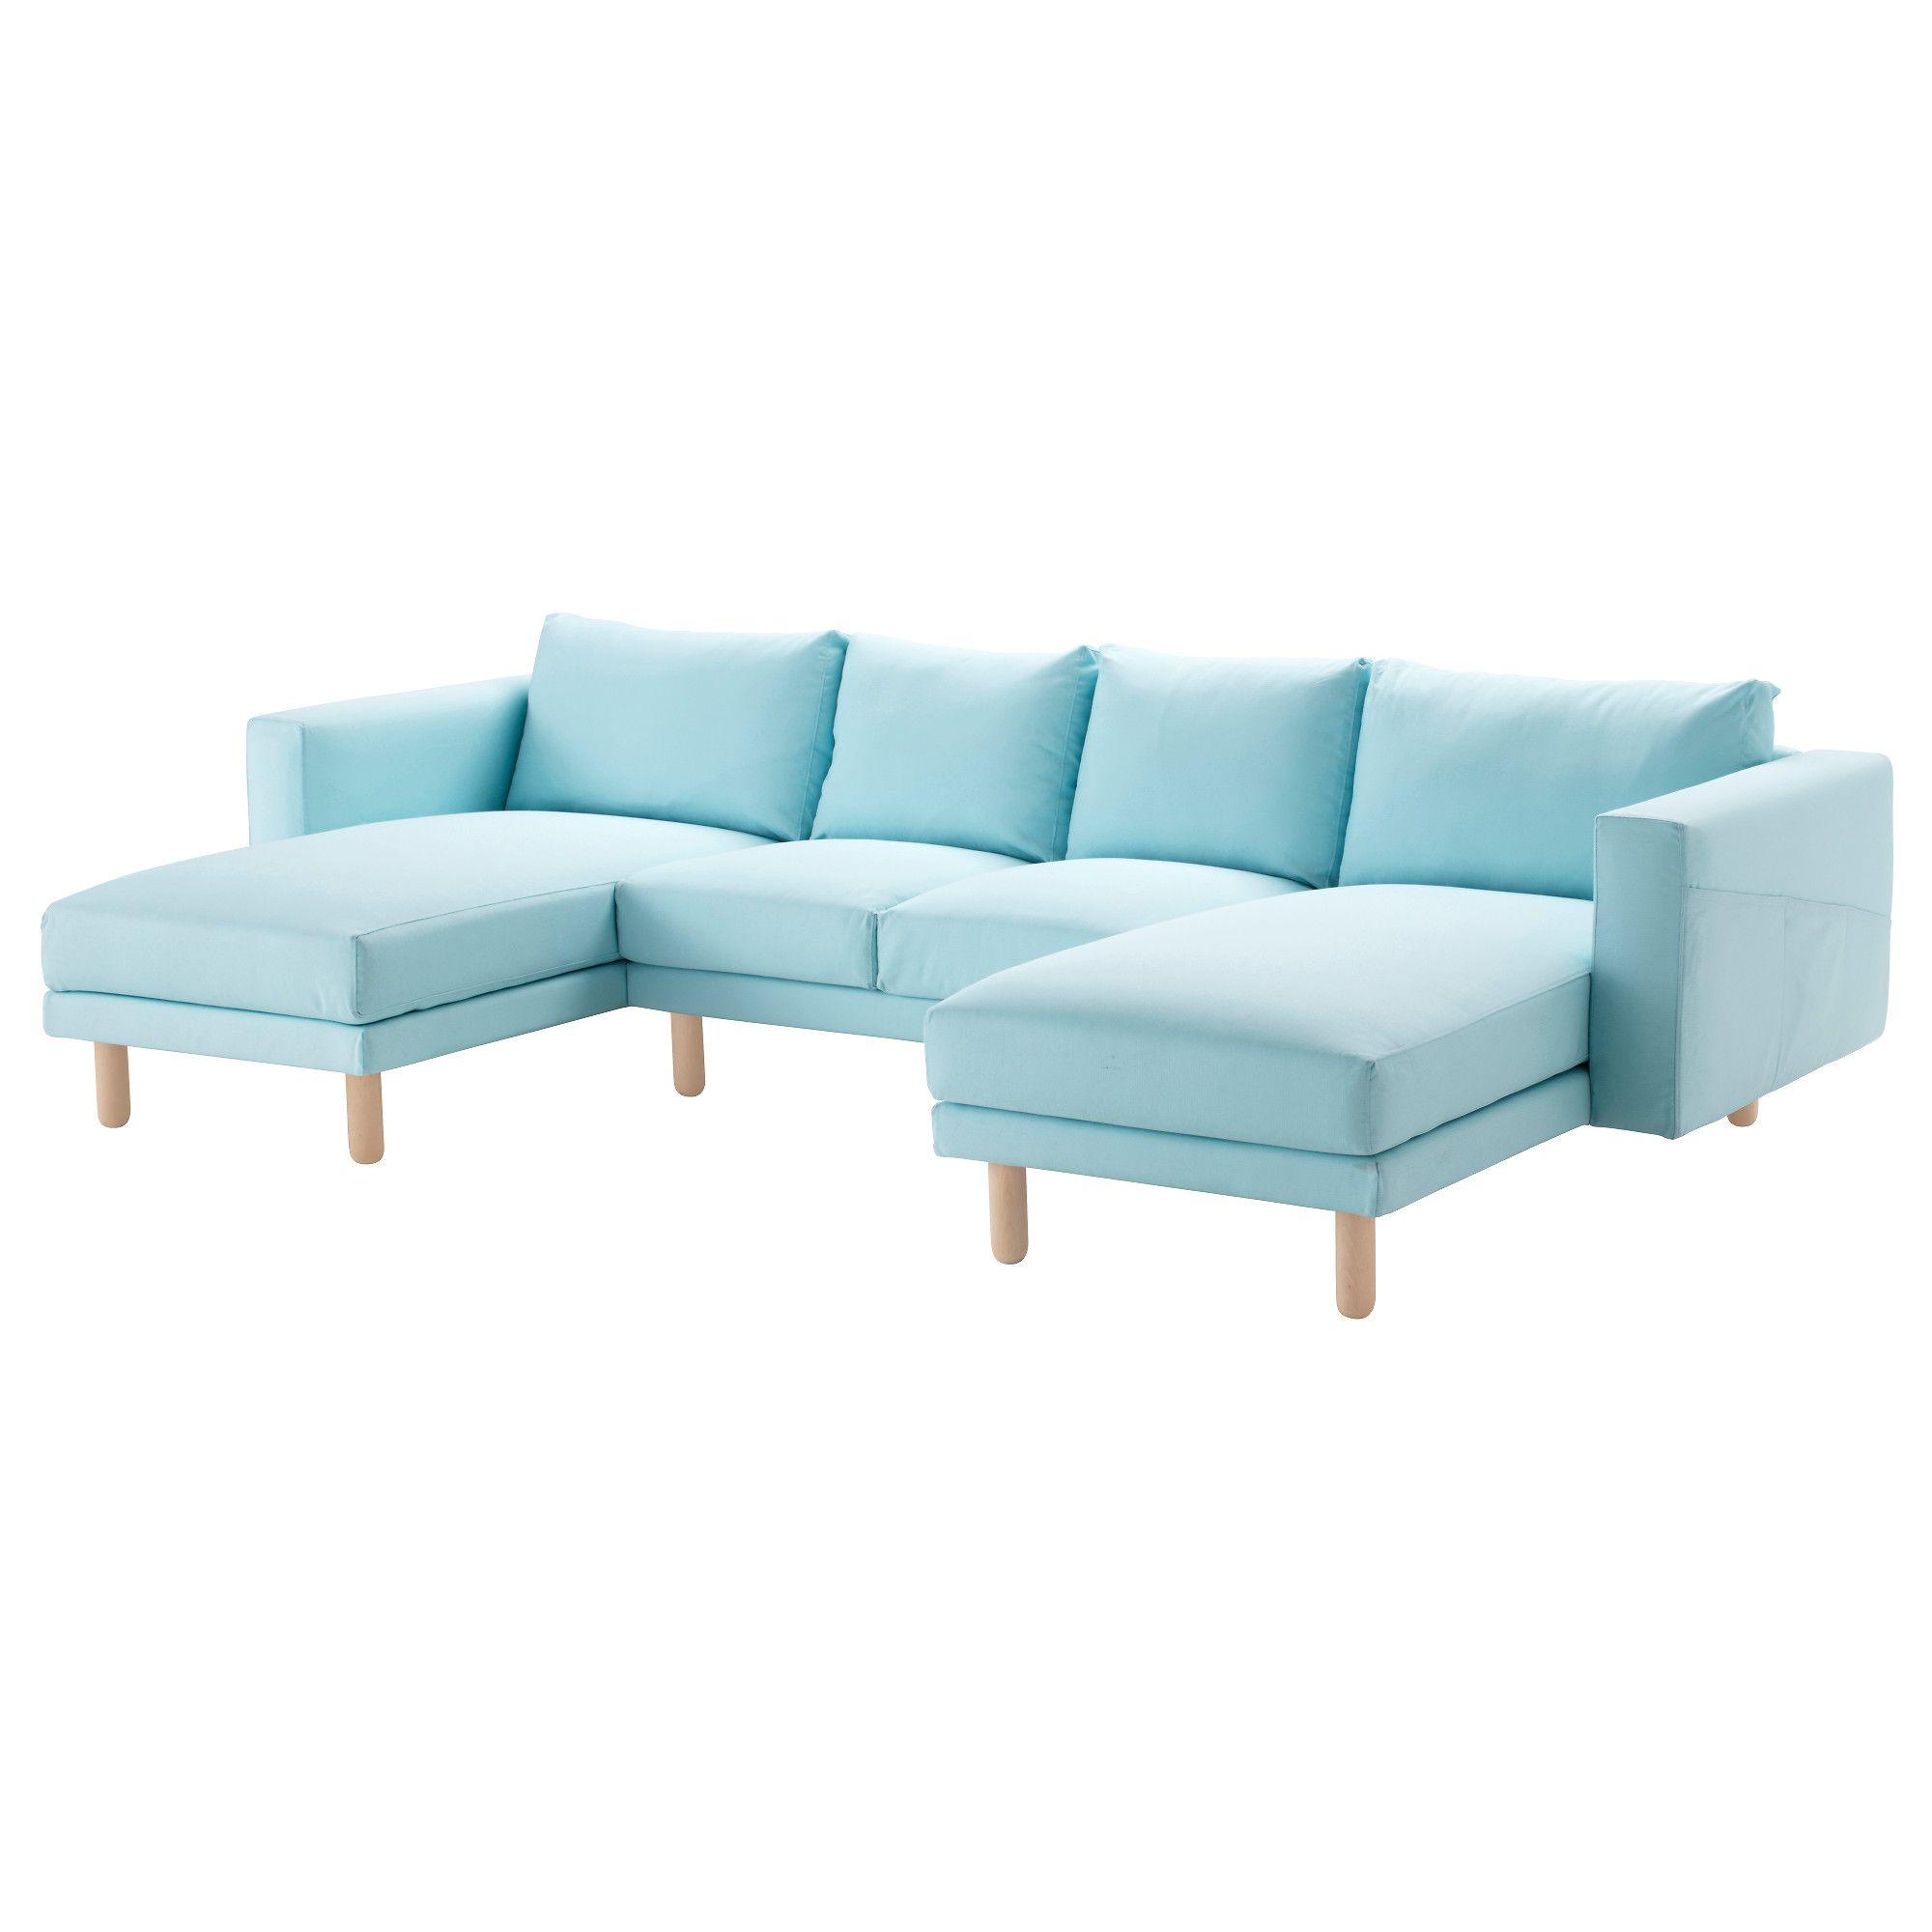 norsborg 2er sofa mit 2 r camieren edum hellblau hellblau jetzt bestellen unter https. Black Bedroom Furniture Sets. Home Design Ideas